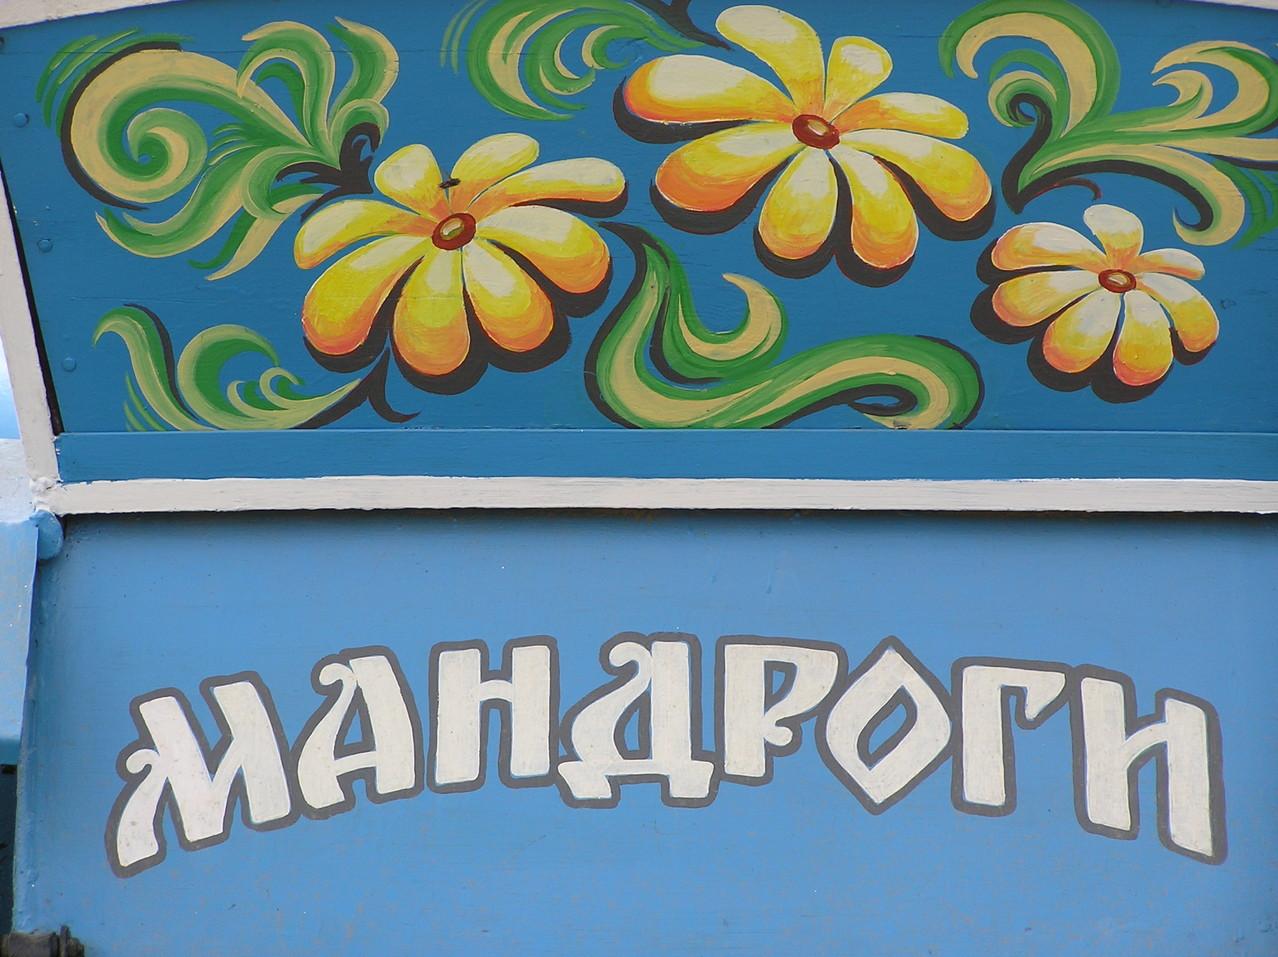 ... in Mandrogi anlegen, ...